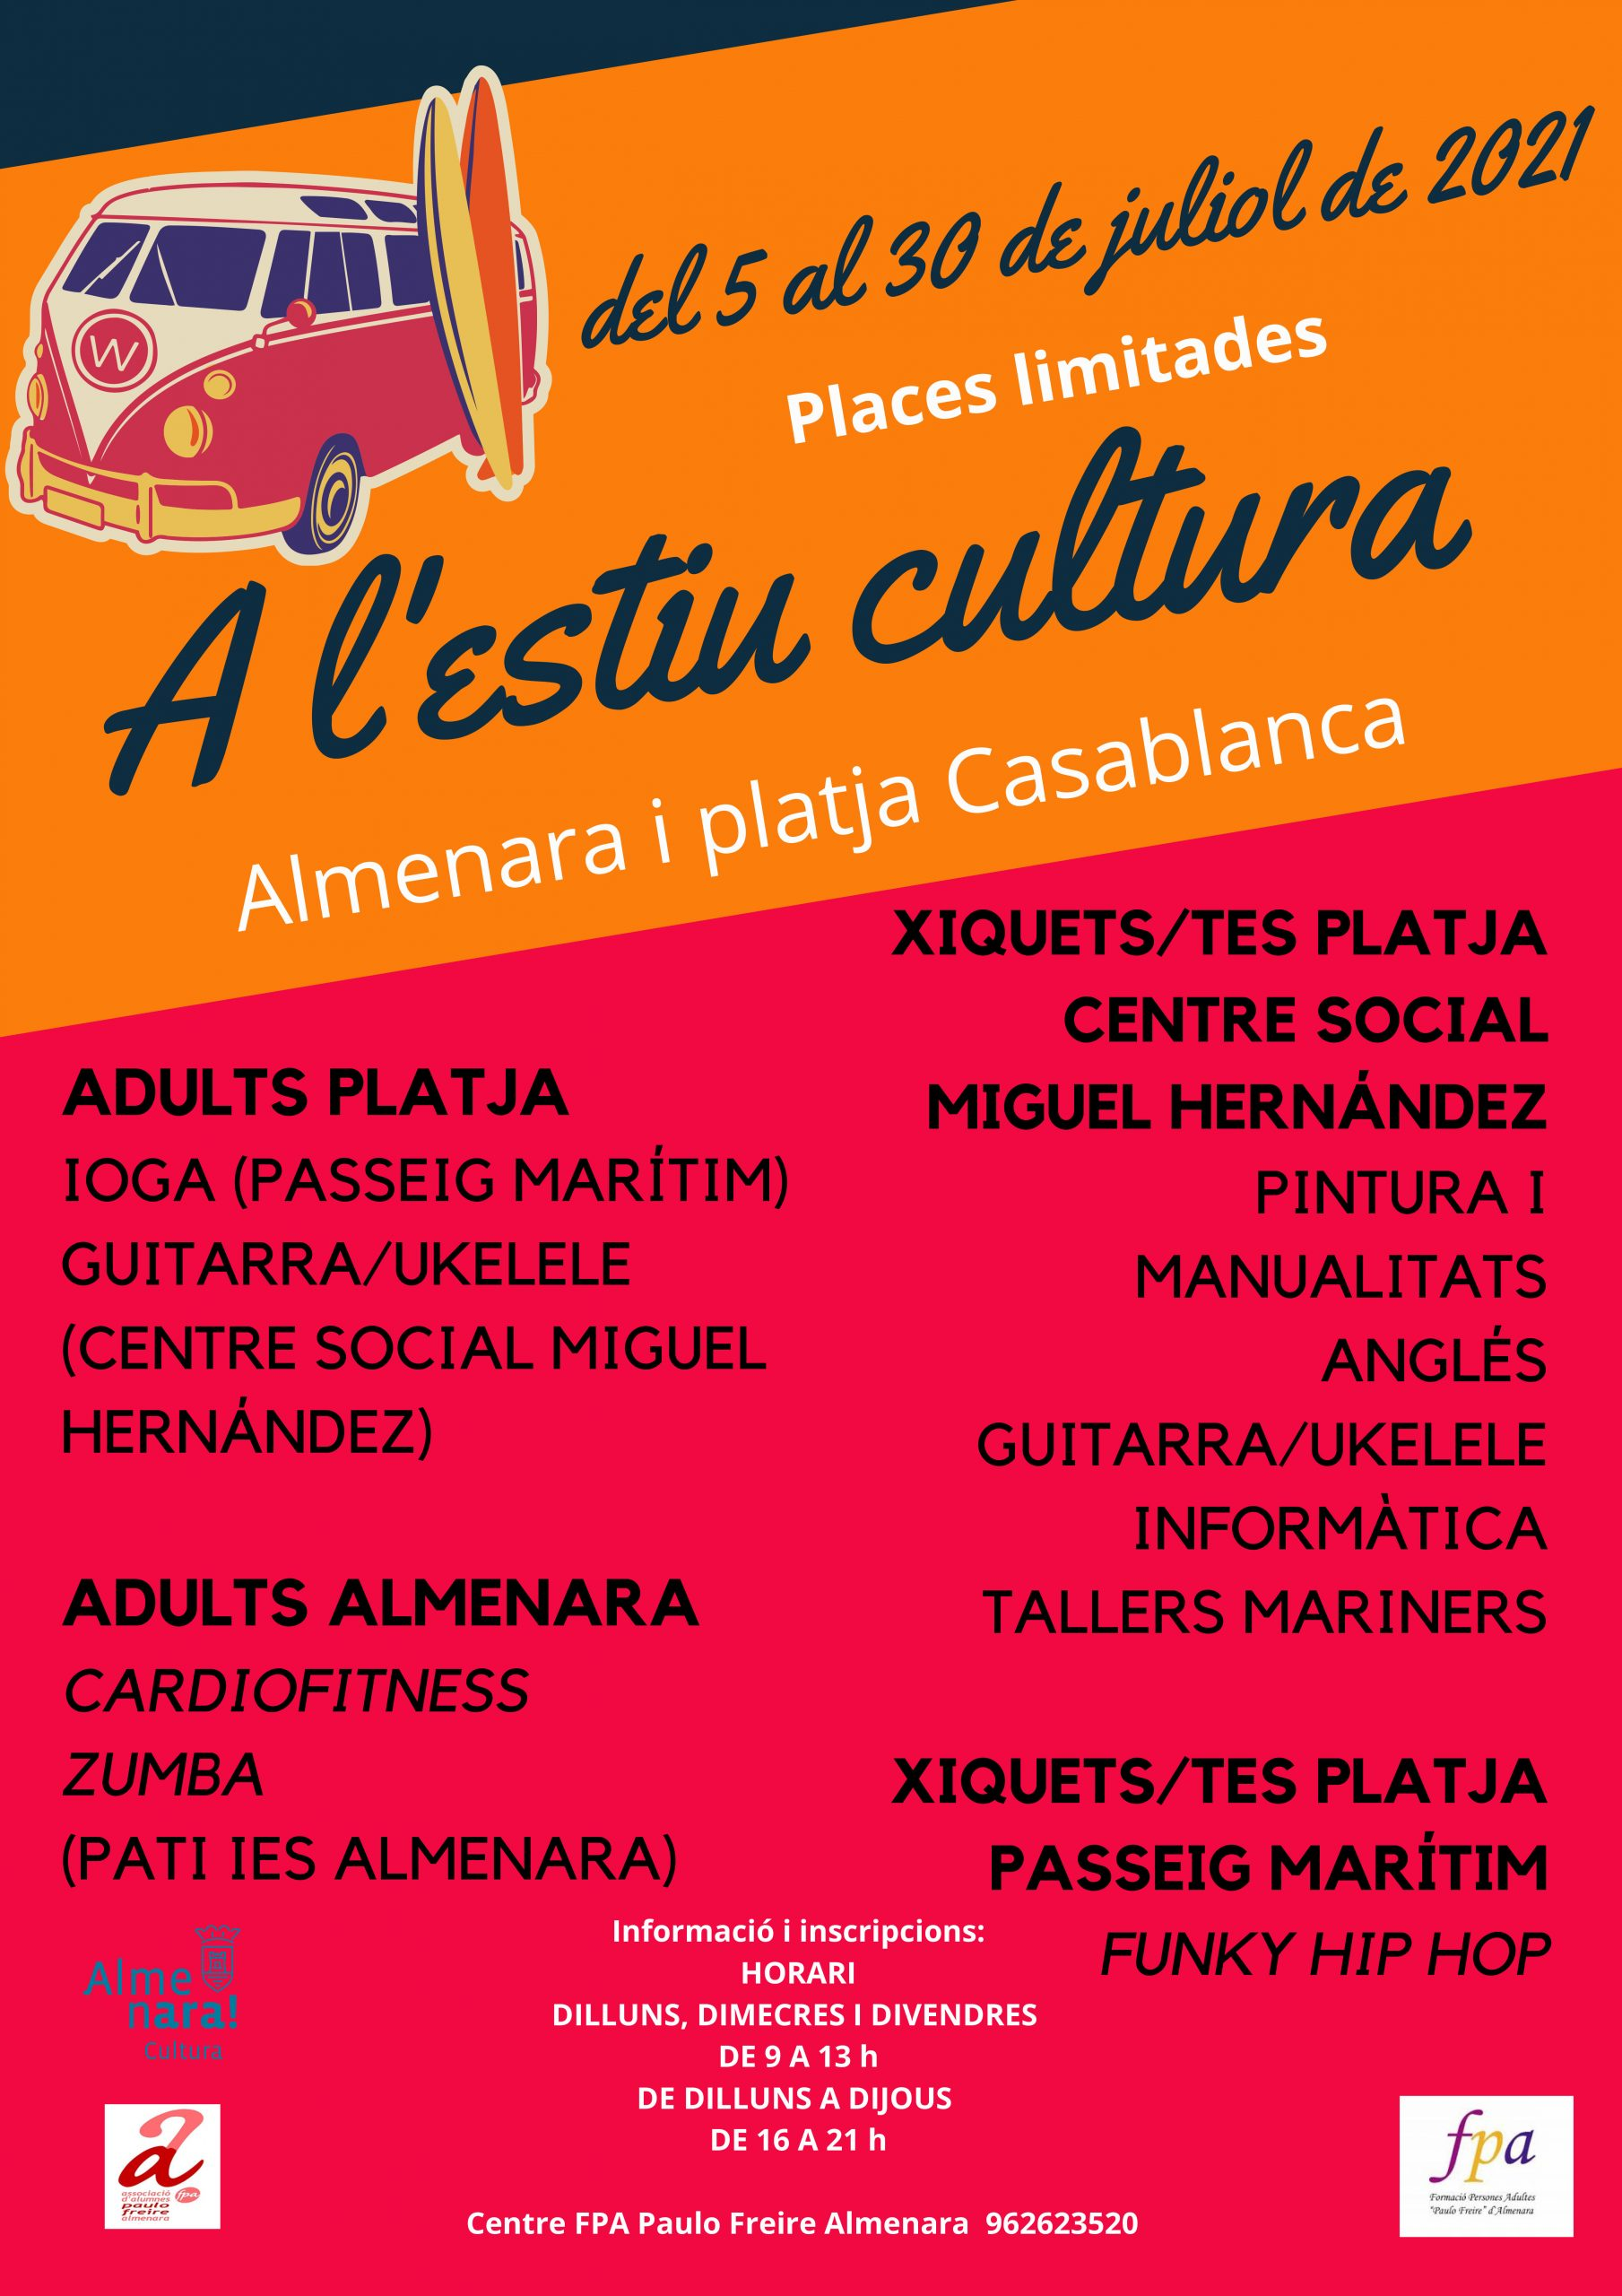 Almenara programa actividades, cursos y talleres para julio con el lema «A l'Estiu, cultura»